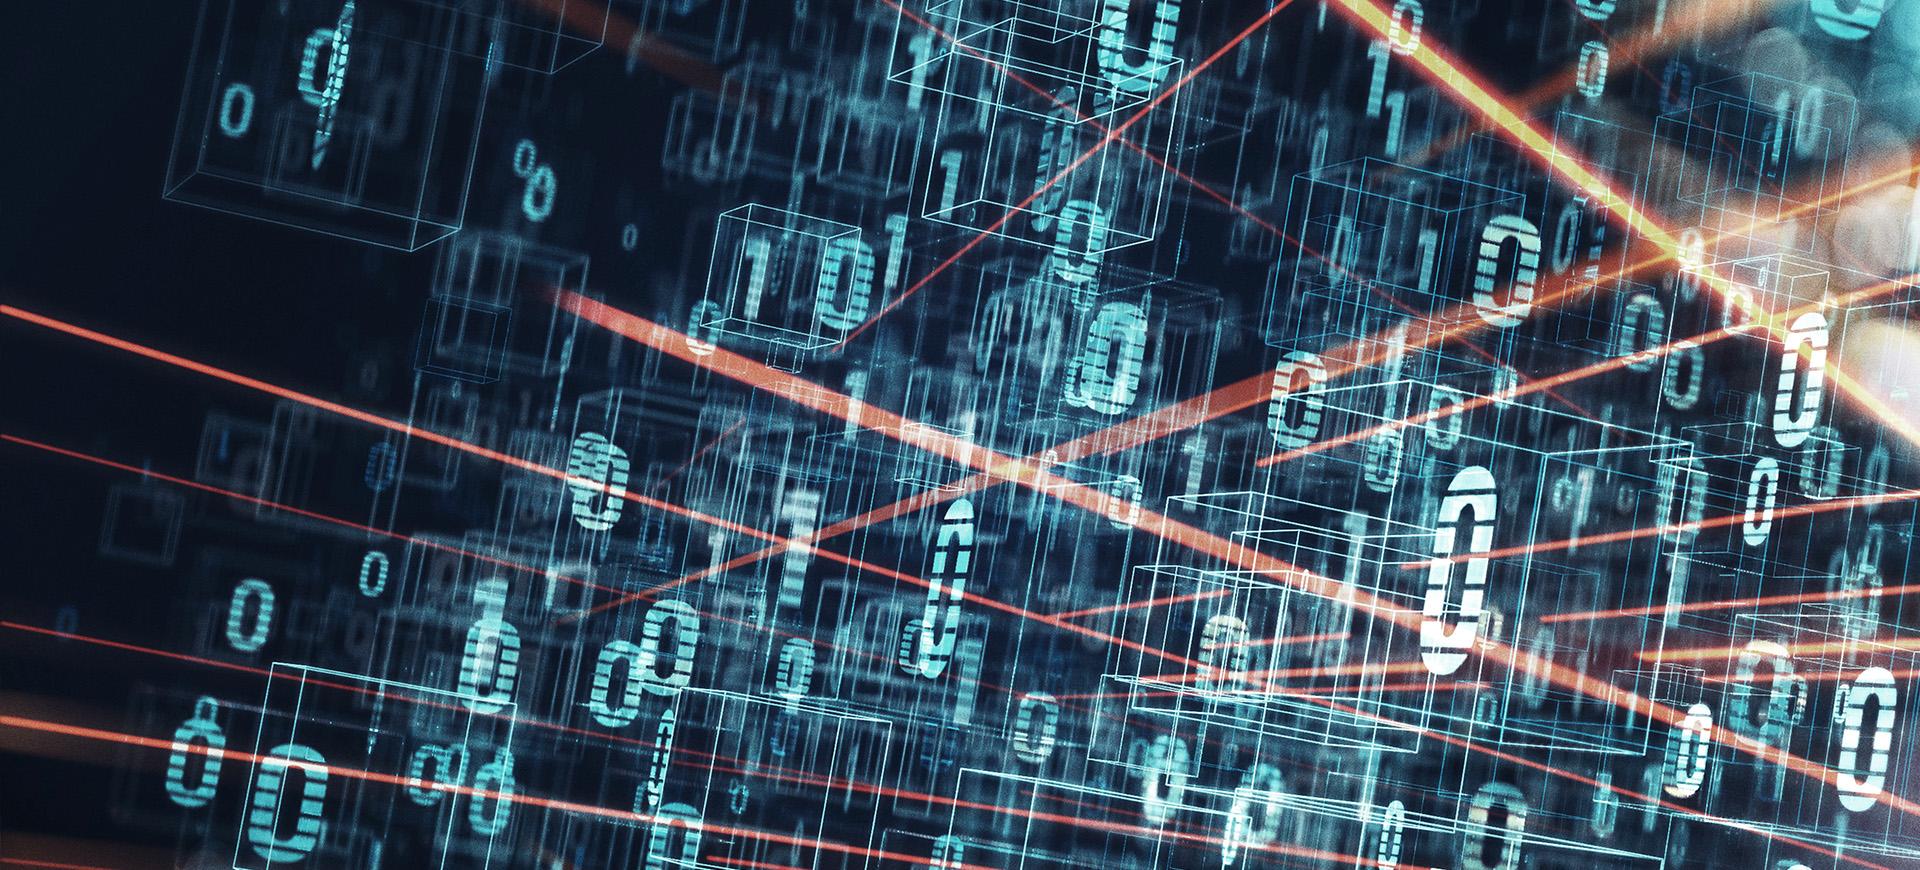 Sistemas de Monitorización y Control Remoto OwlEye,Soluciones 3Tech,3TECH